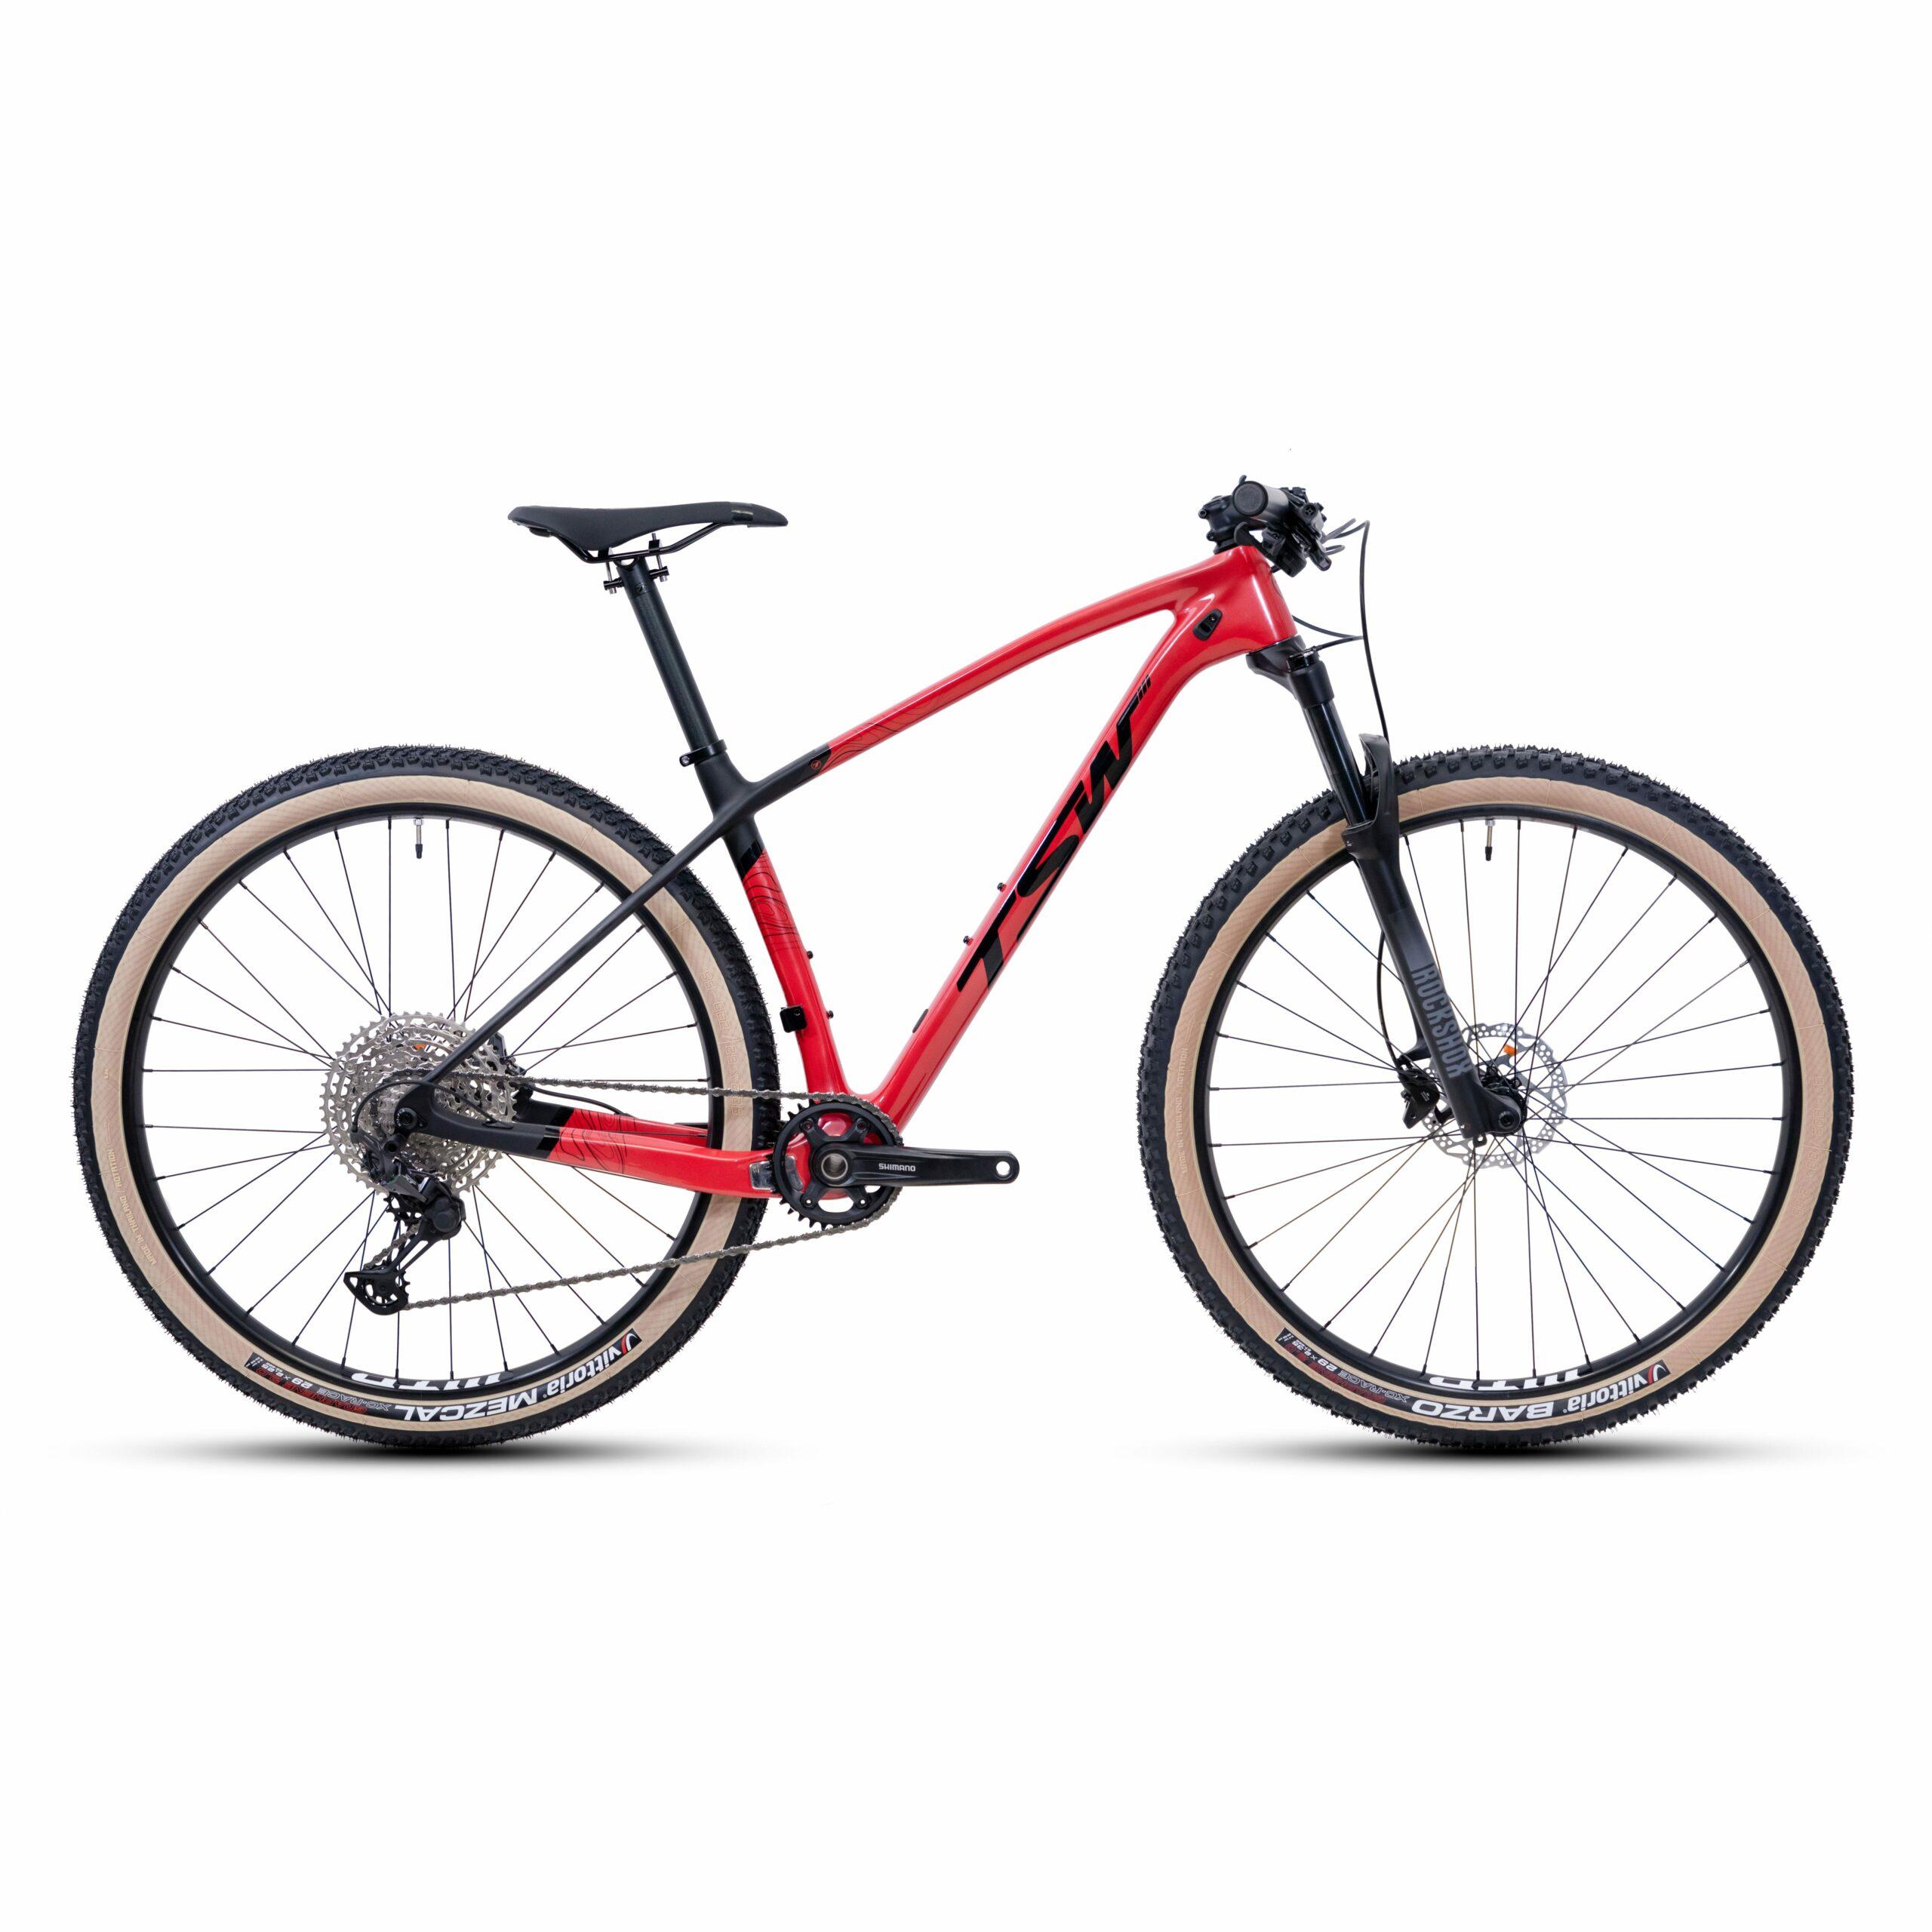 Bicicleta TSW Evo Quest | Fast 3